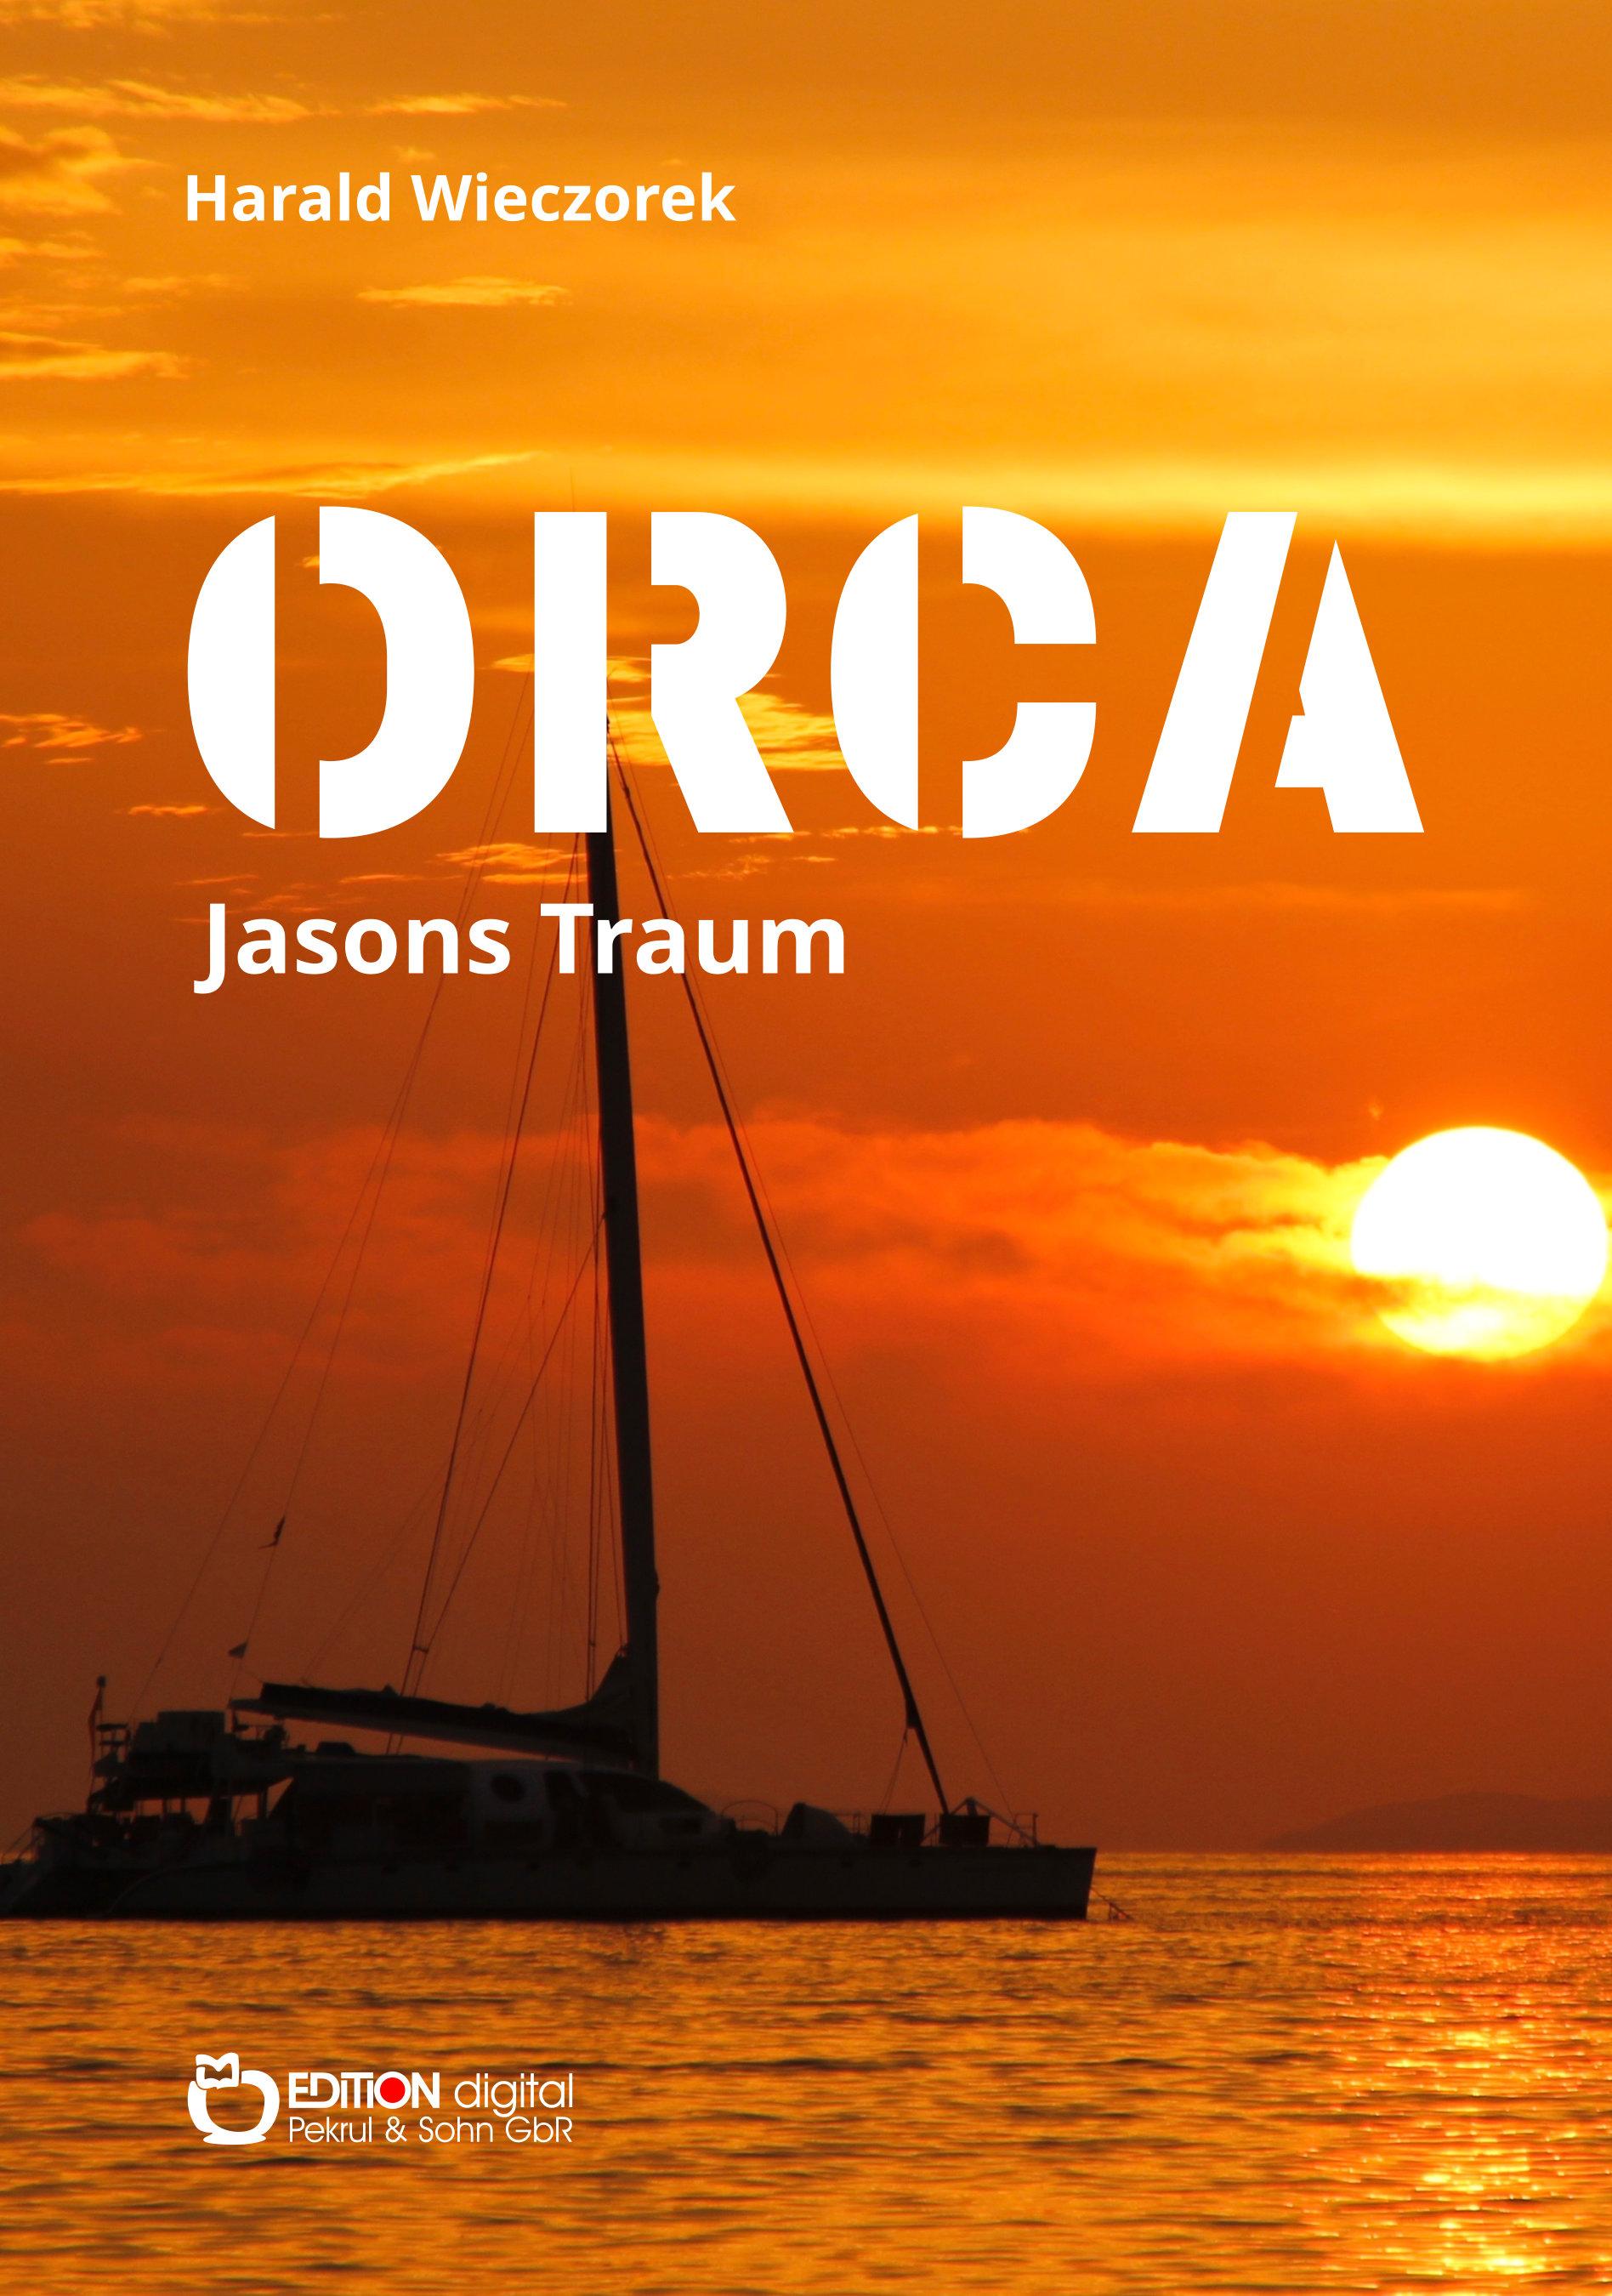 ORCA - Jasons Traum von Harald Wieczorek